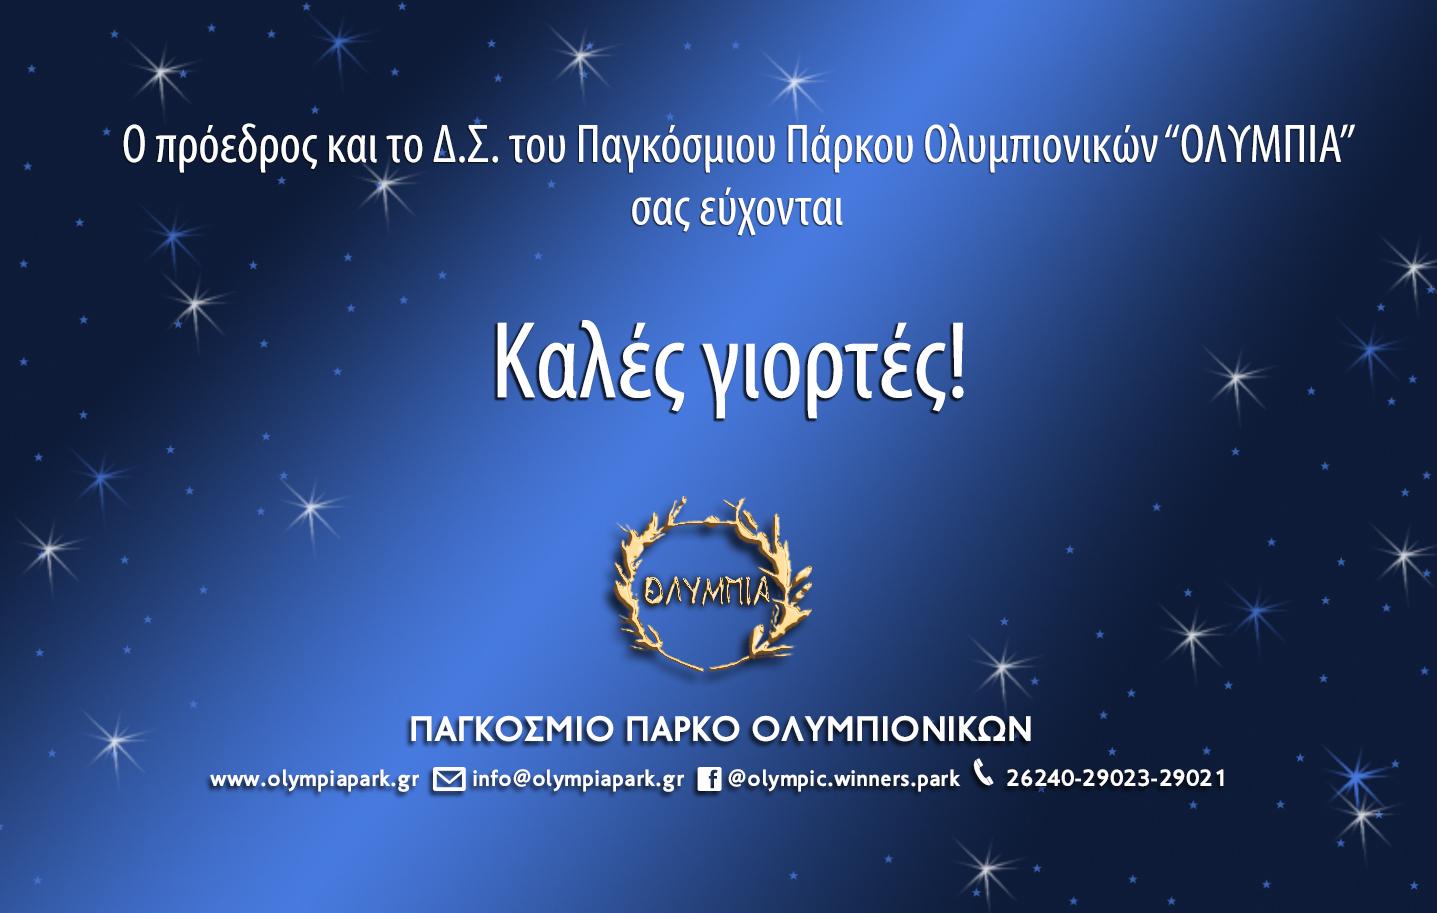 """Ευχές από το Παγκόσμιο Πάρκο Ολυμπιονικών """"Ολυμπία"""""""